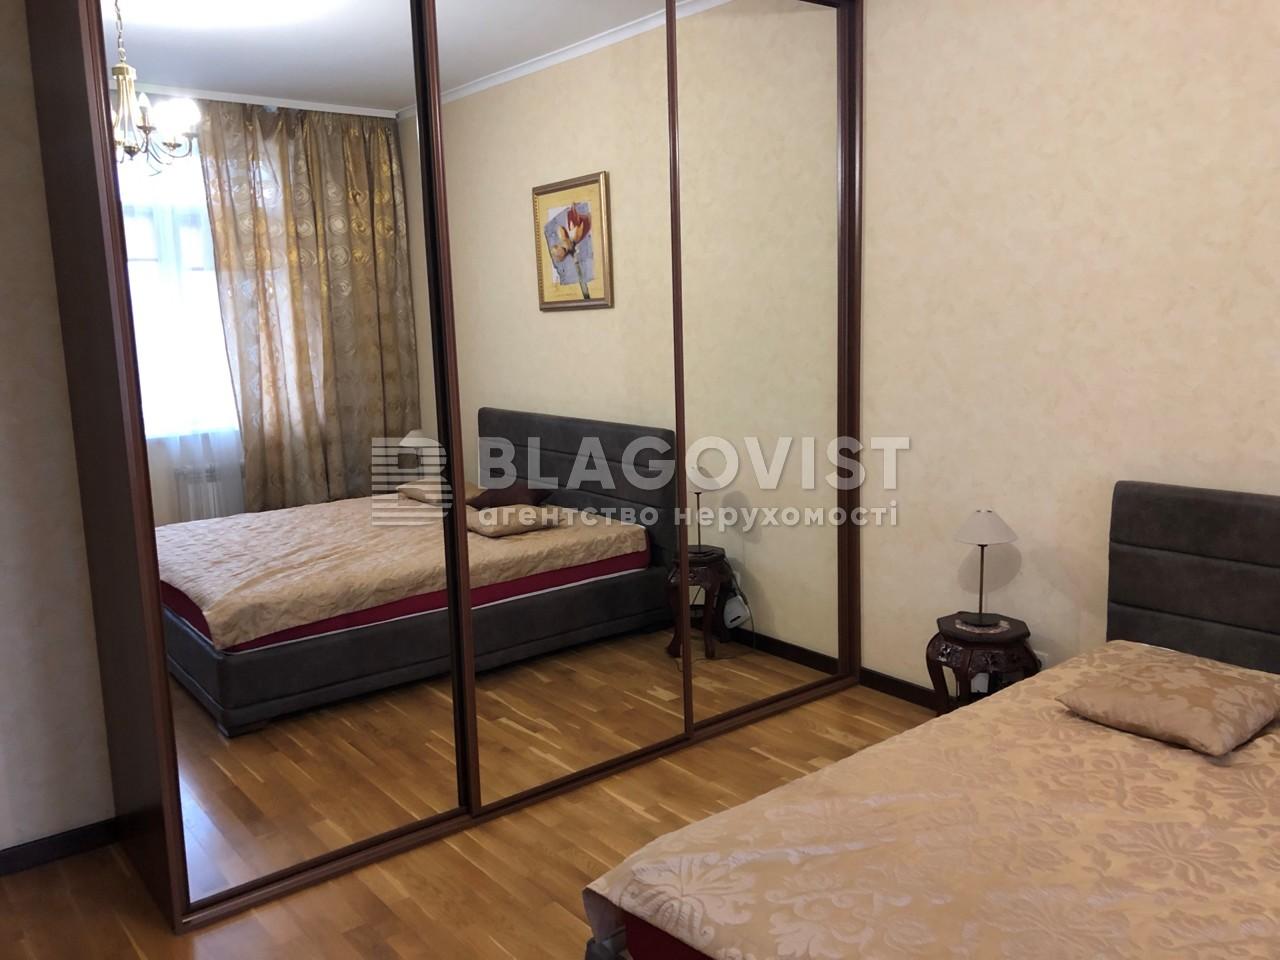 Квартира C-84865, Панаса Мирного, 15, Киев - Фото 9